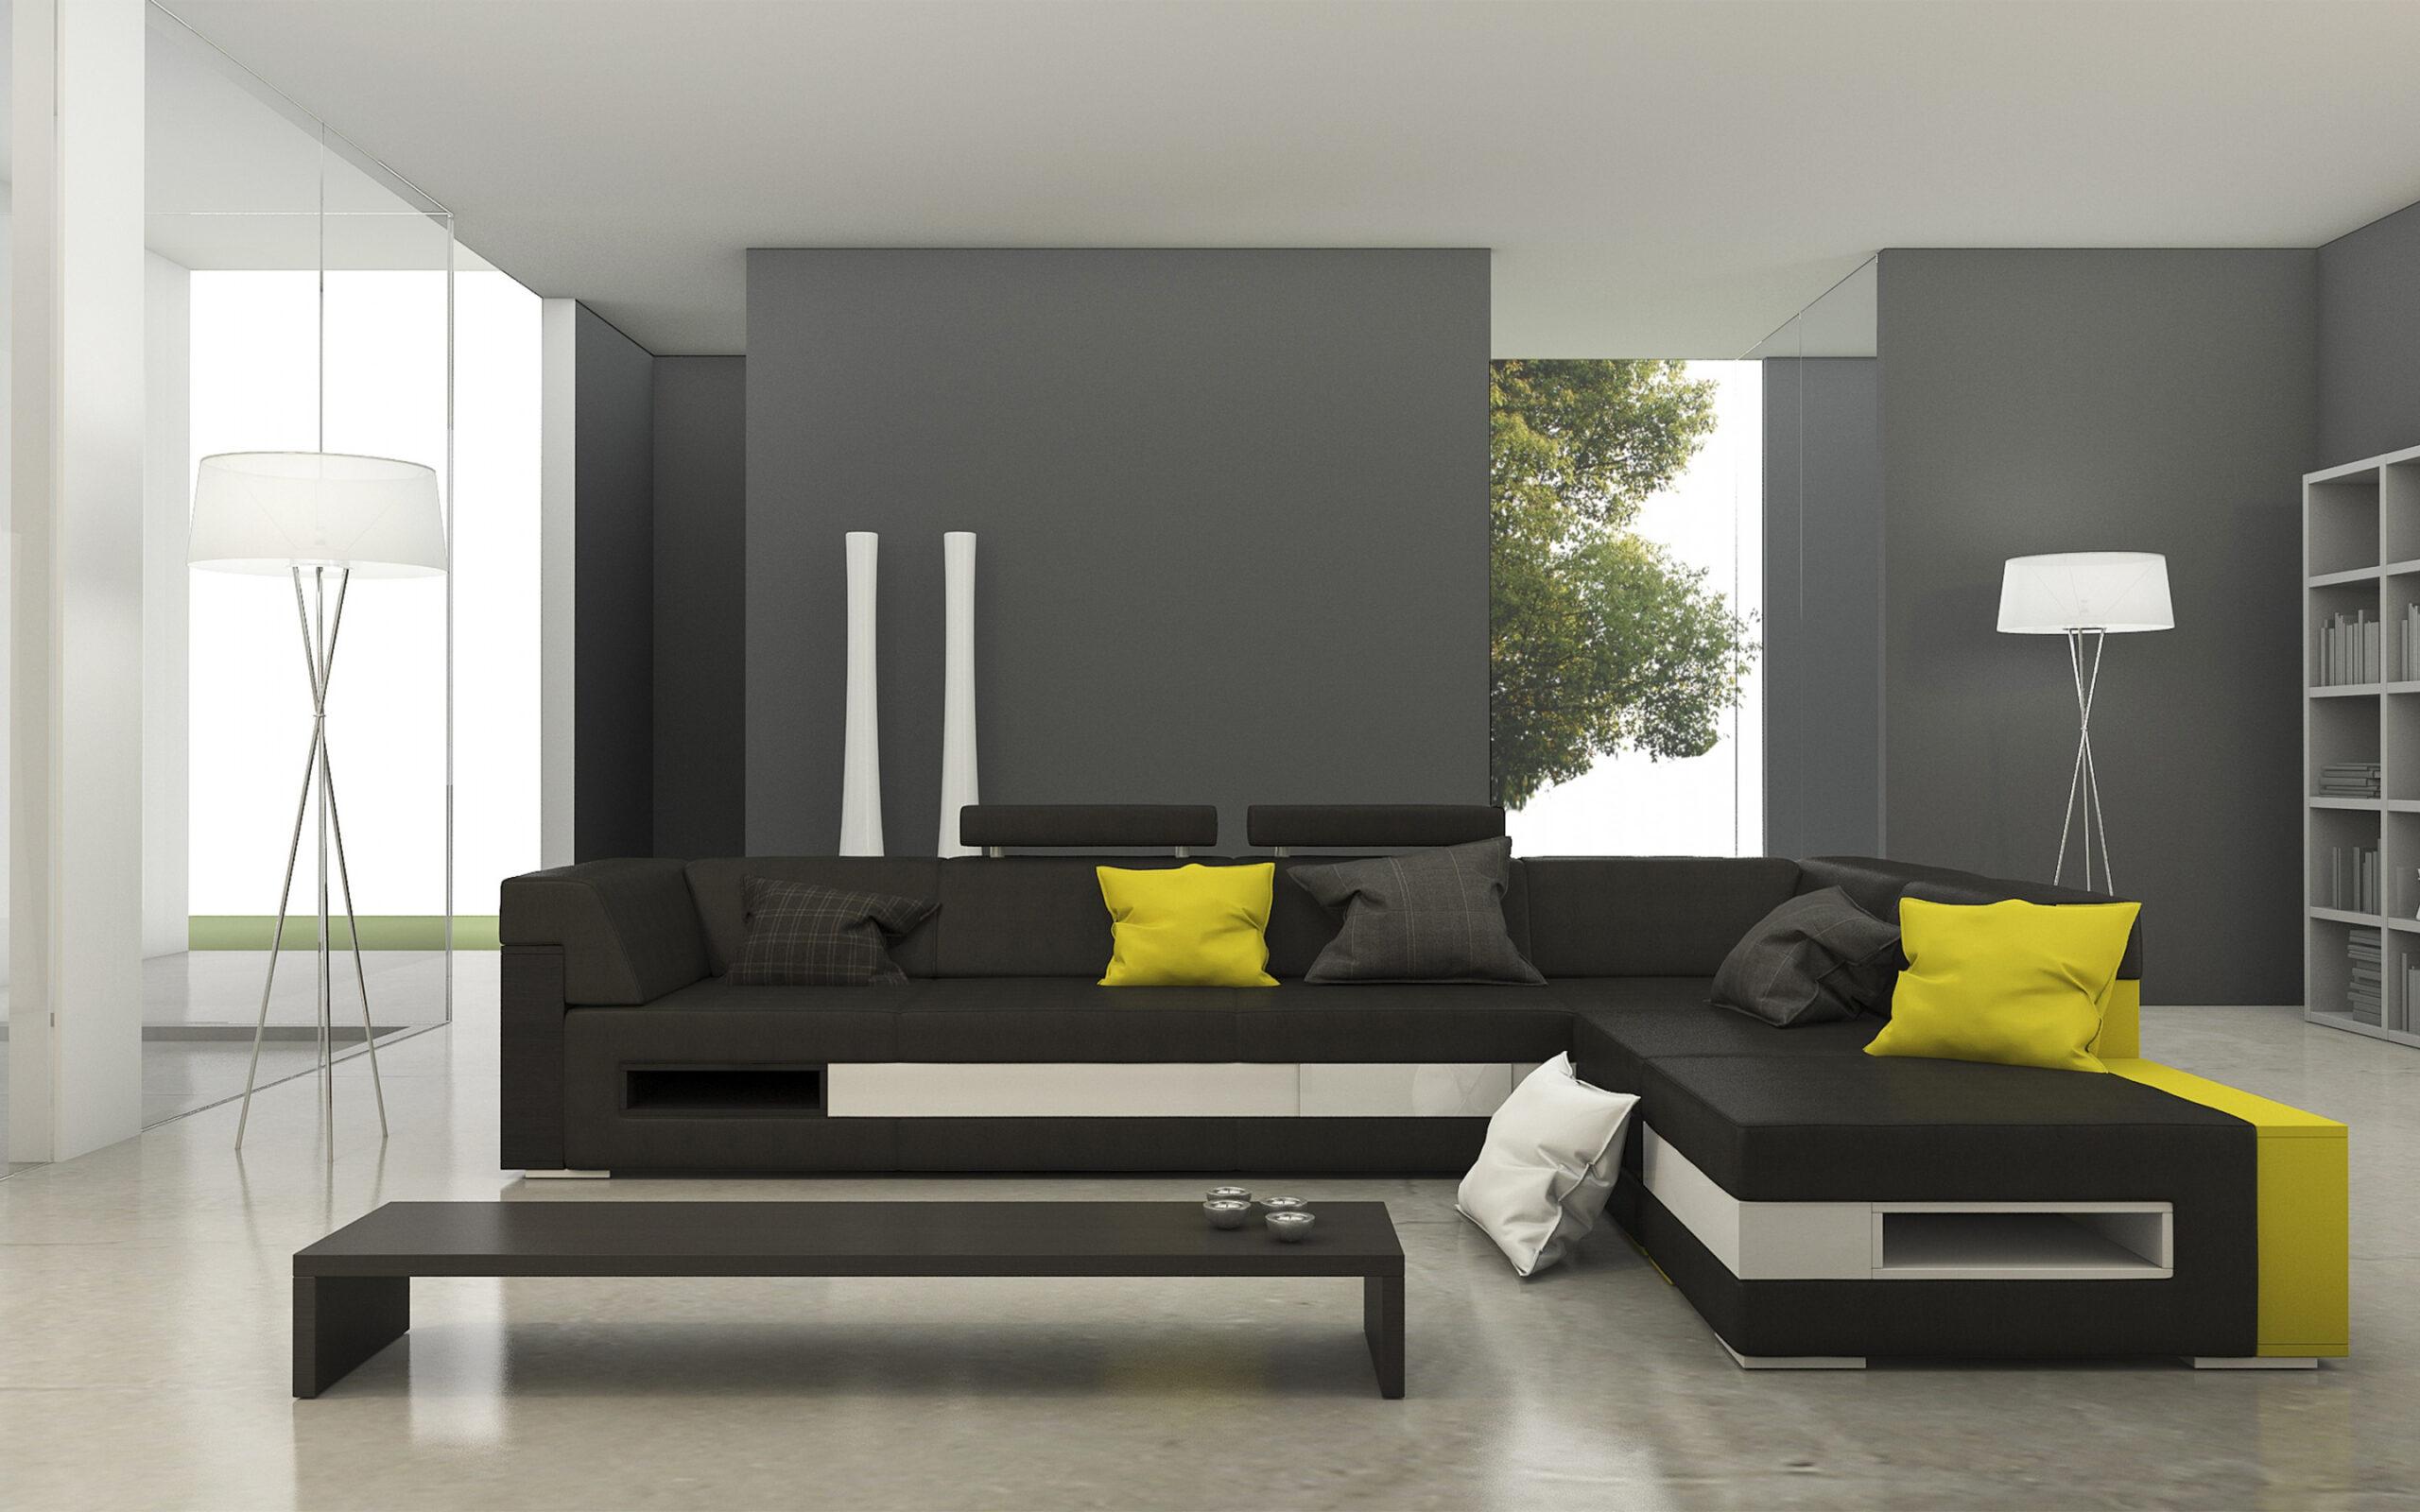 Full Size of Graues Sofa Welche Kissenfarbe Graue Couch Kombinieren Rosa Kissen Wandfarbe Brauner Teppich Herunterladen Hintergrundbild Stilvolle Interieur Der Wohnzimmer Sofa Graues Sofa